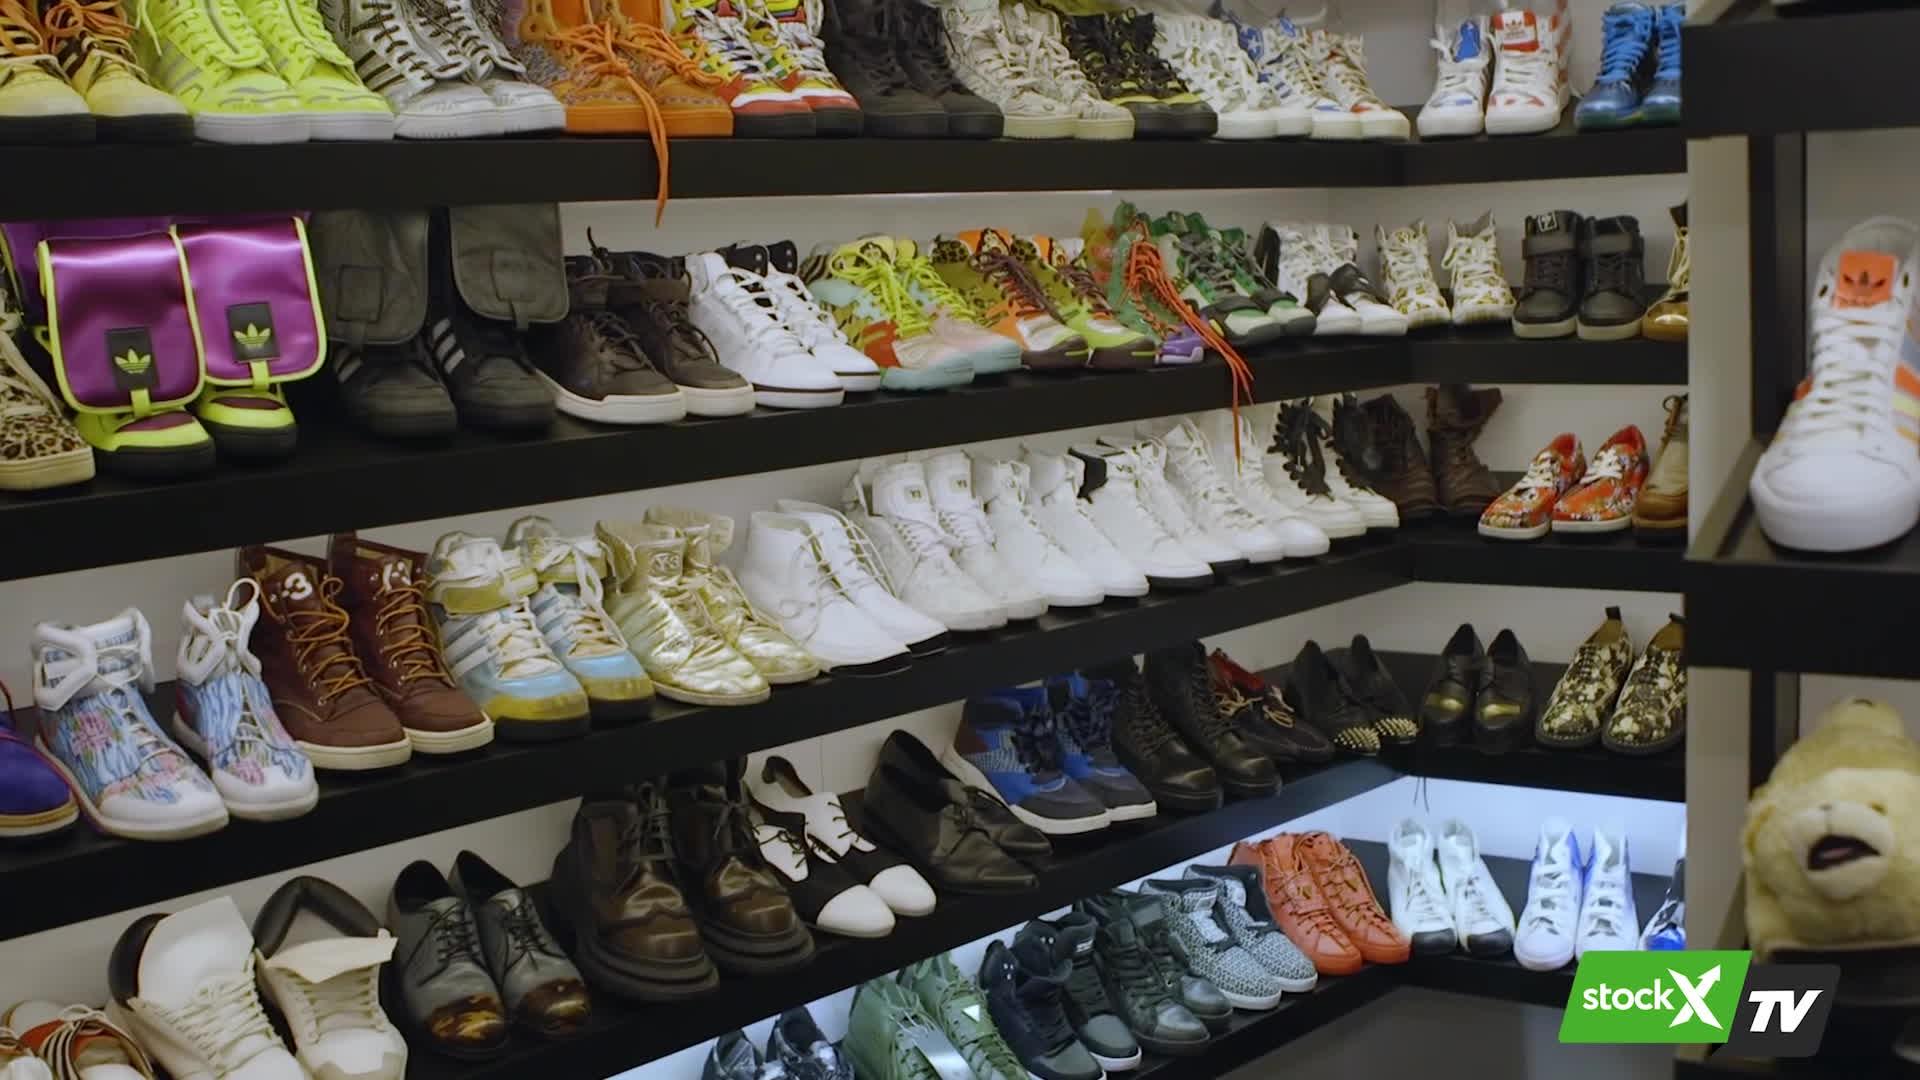 Steve Aoki gã DJ với bộ sưu tập giày như một giấc mơ